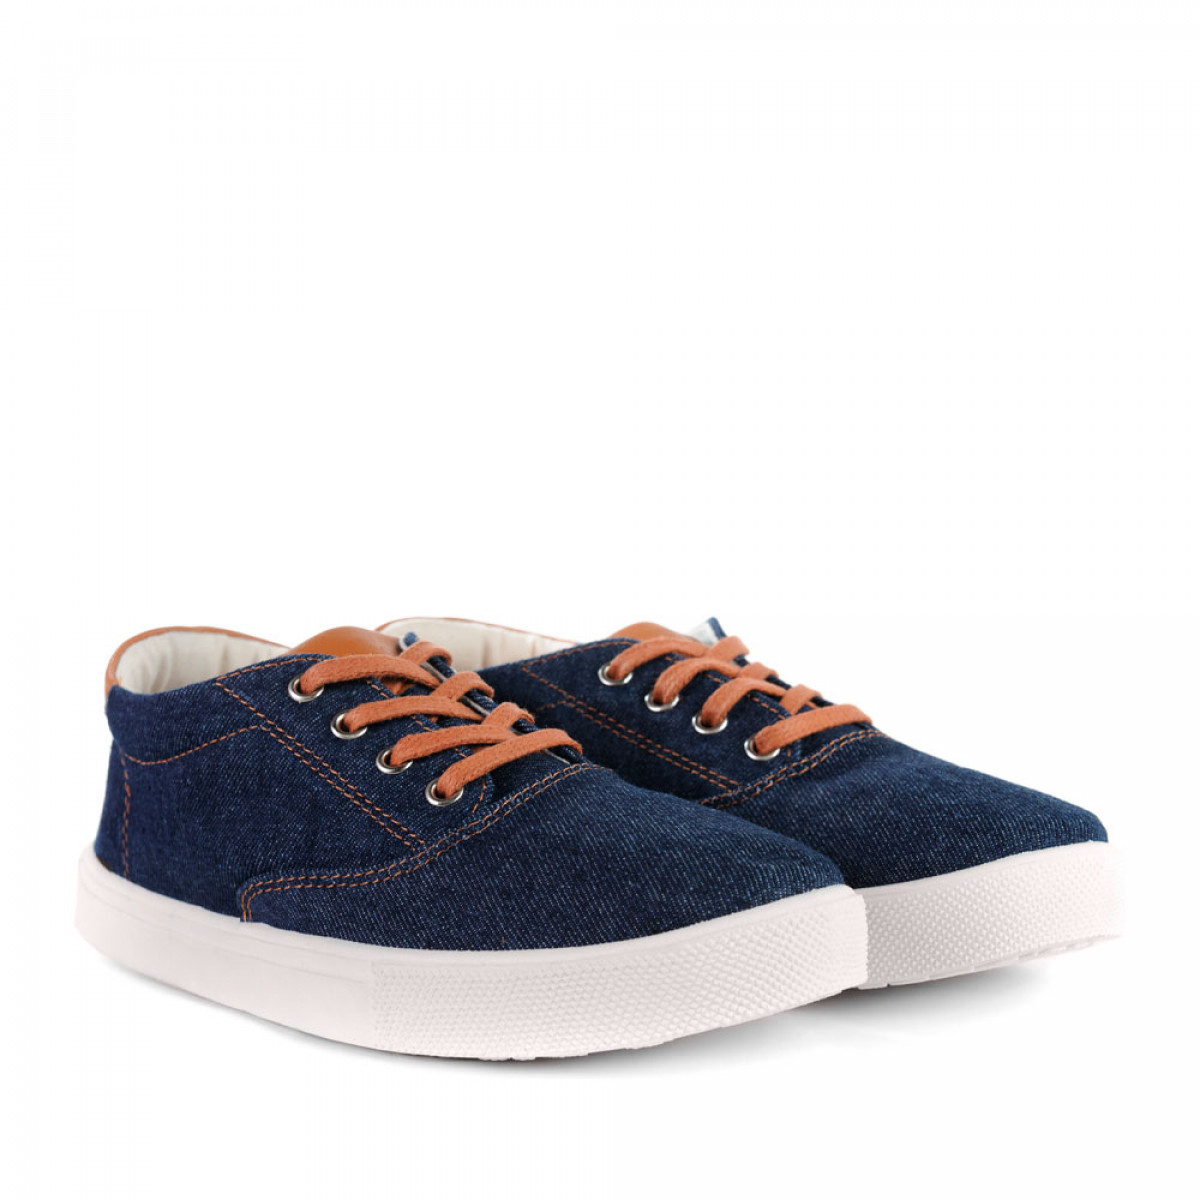 Sneakers BROOKLYN, Dark blue